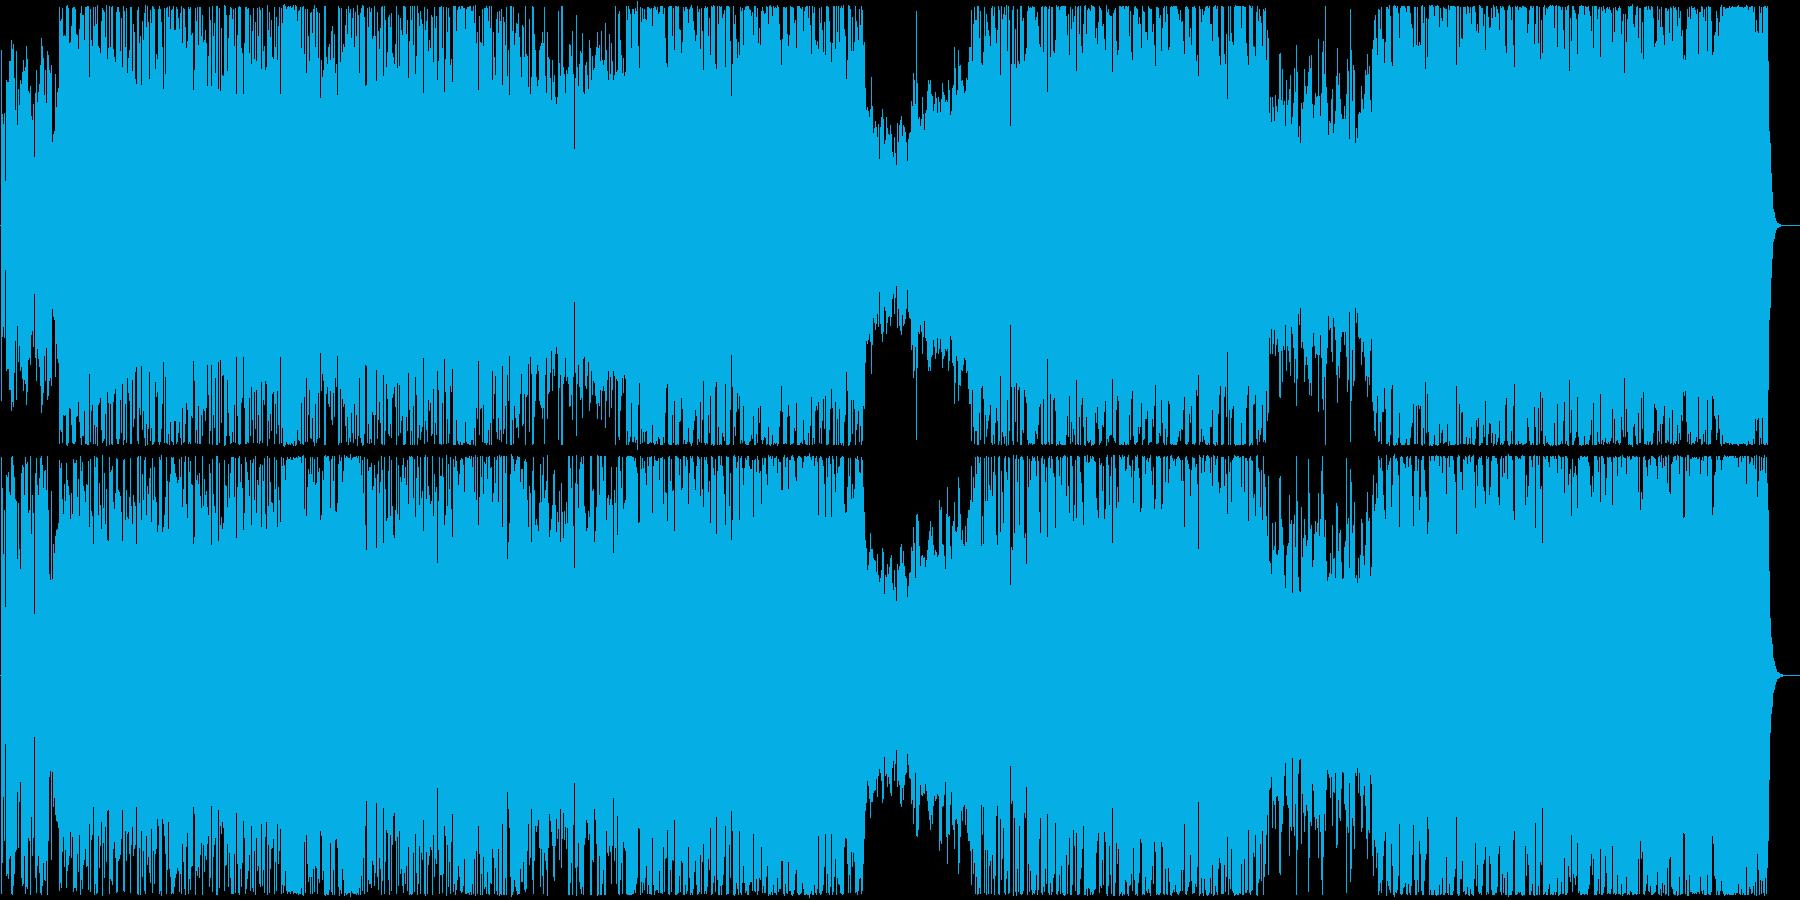 神秘的・民族的な女性コーラス曲の再生済みの波形